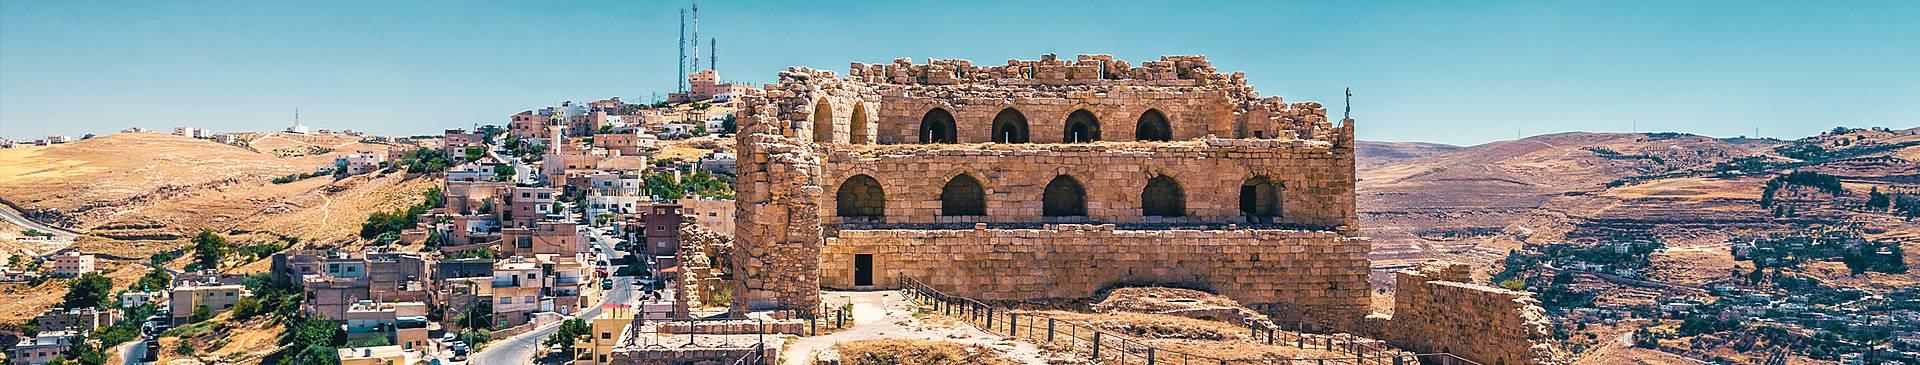 Viajes a Jordania en verano